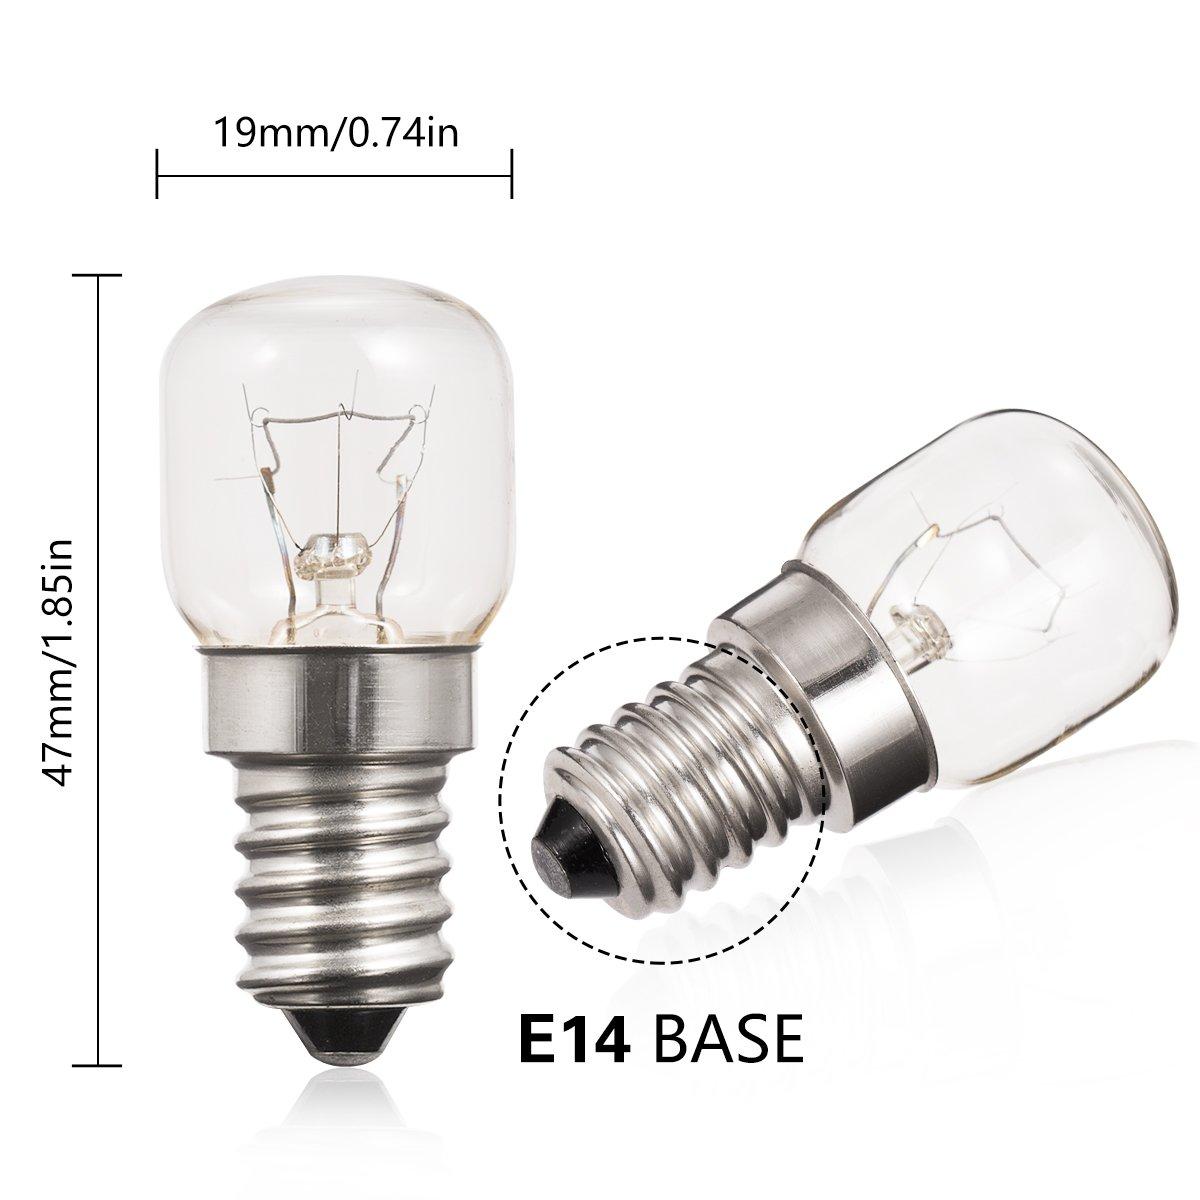 300/° Hitzebest/ändig 2 x 40w Ofenlampe f/ür den Gebrauch in einem Neff Ofen E14 Kleiner Edison Sockel Ofenbirne SES 240v